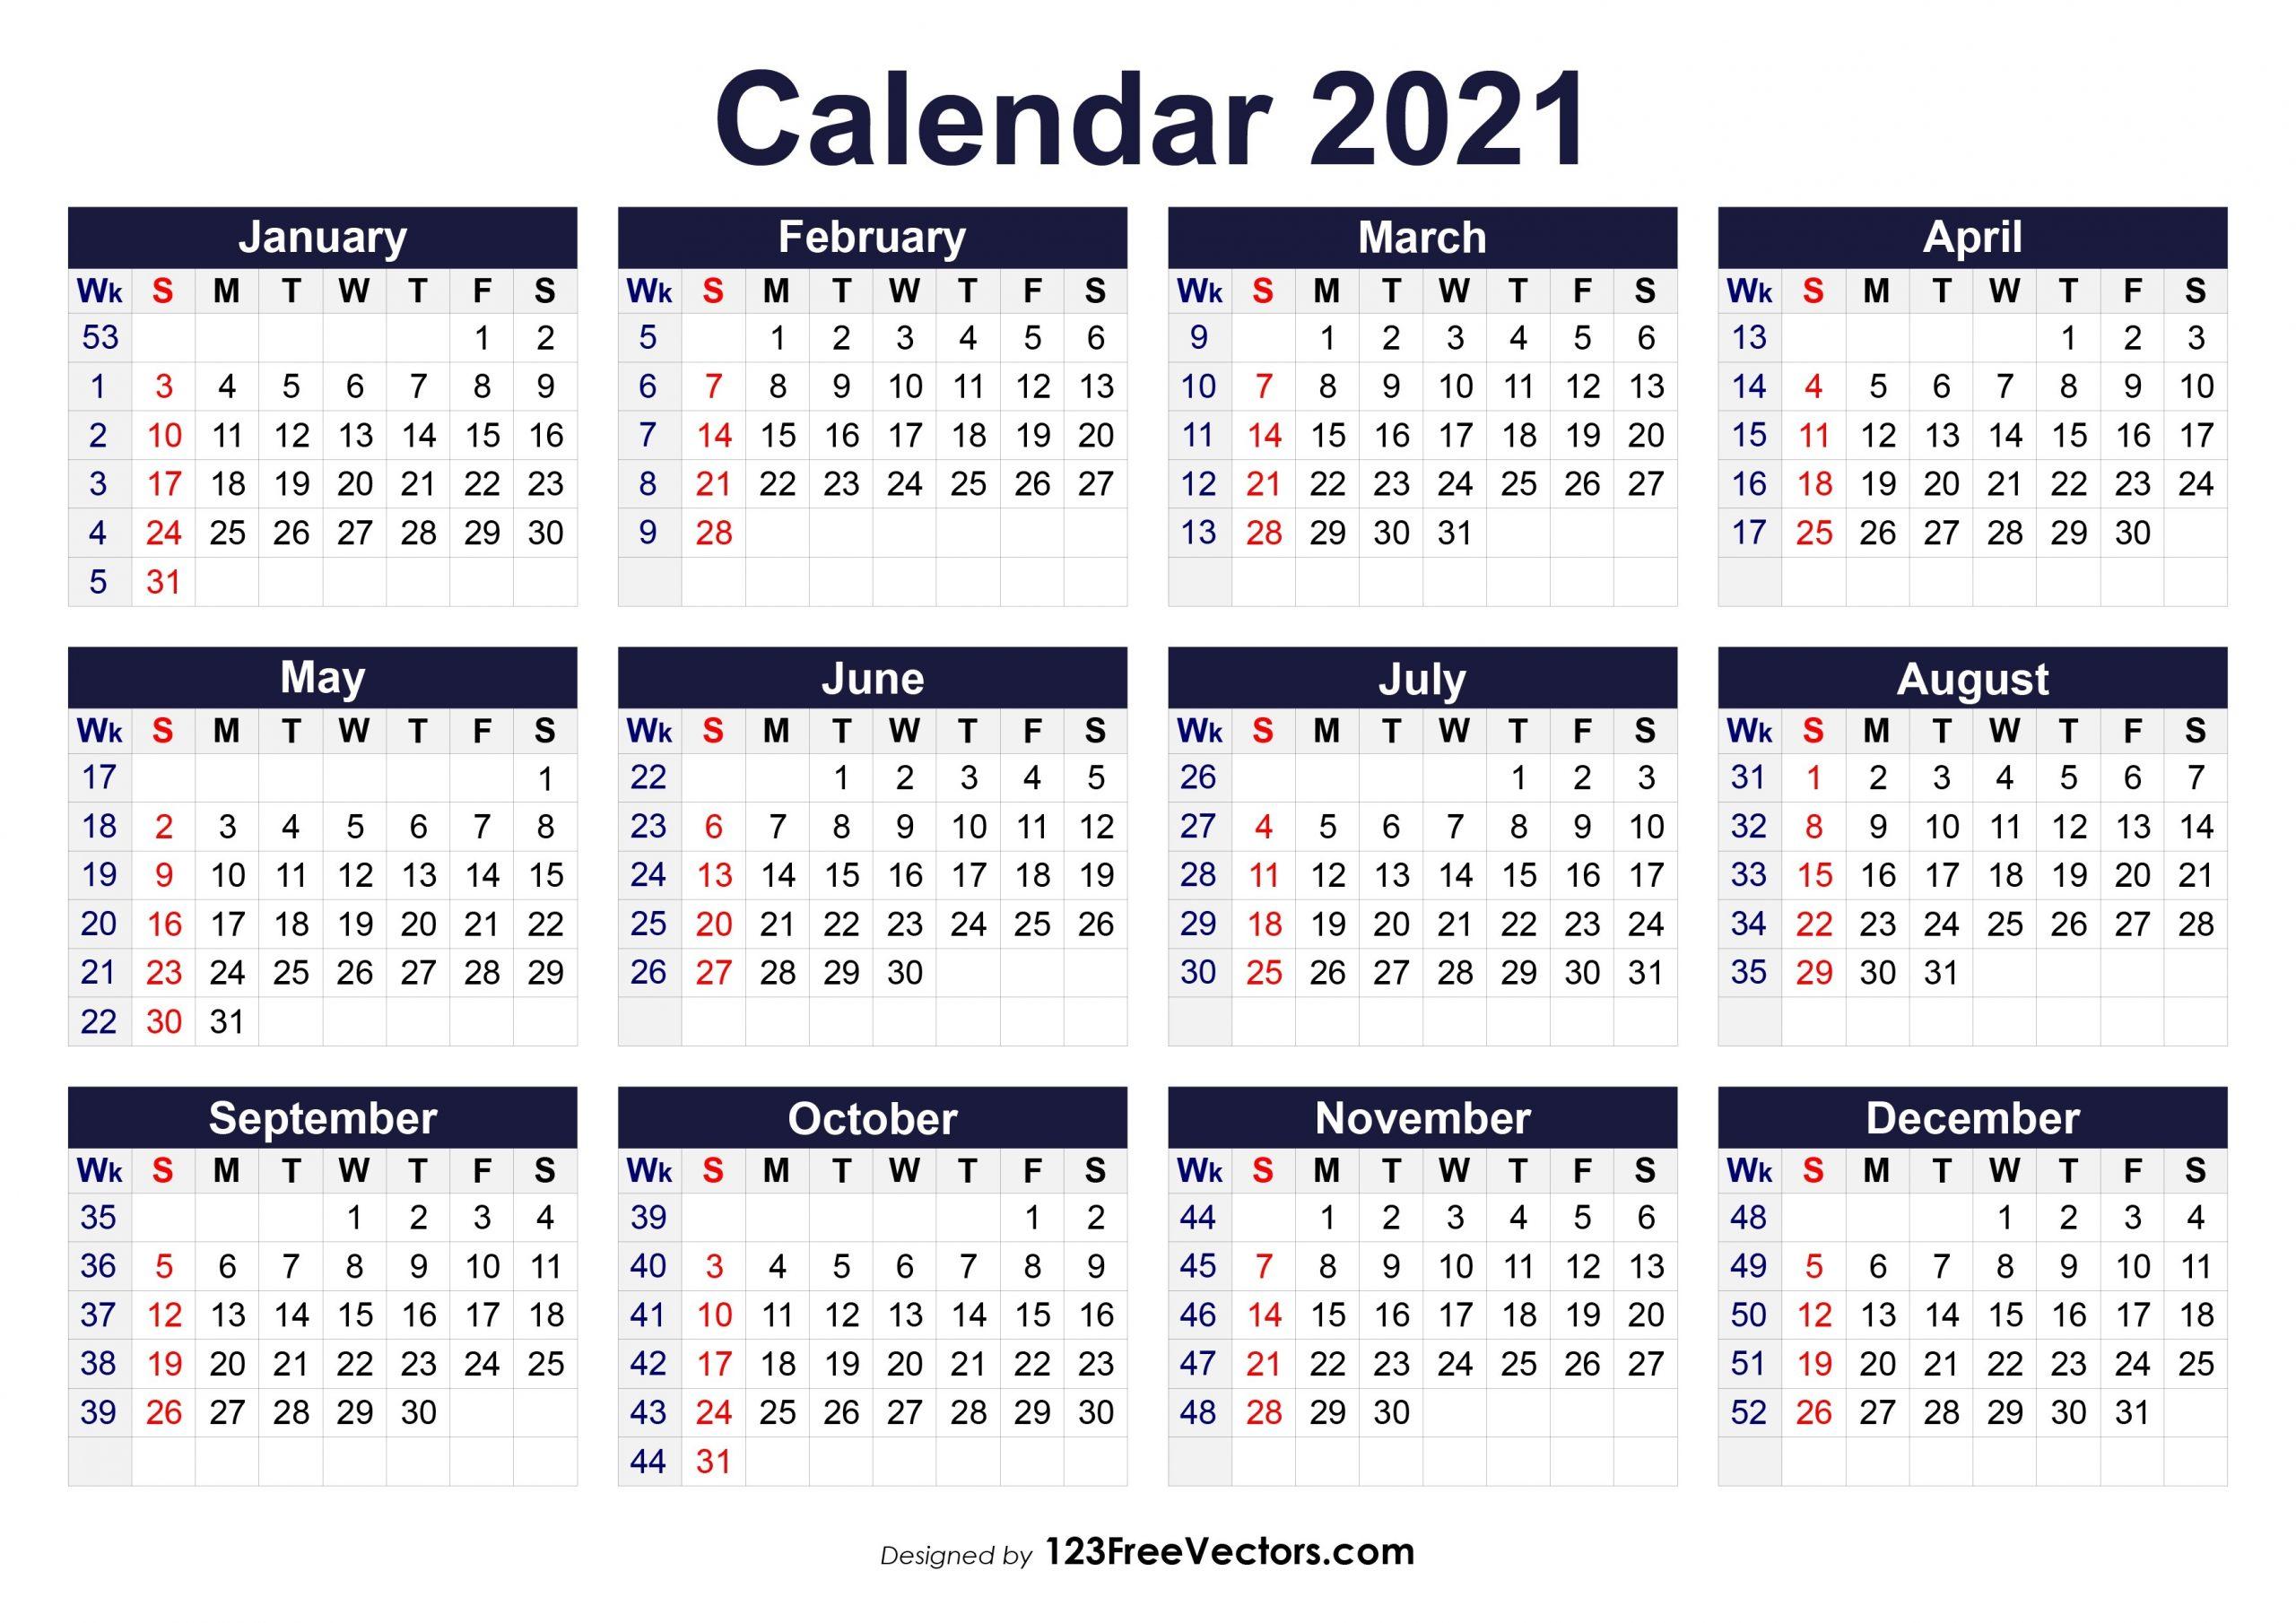 Free Printable 2021 Calendar With Week Numbers  2021 Calendar Weeks Numbered